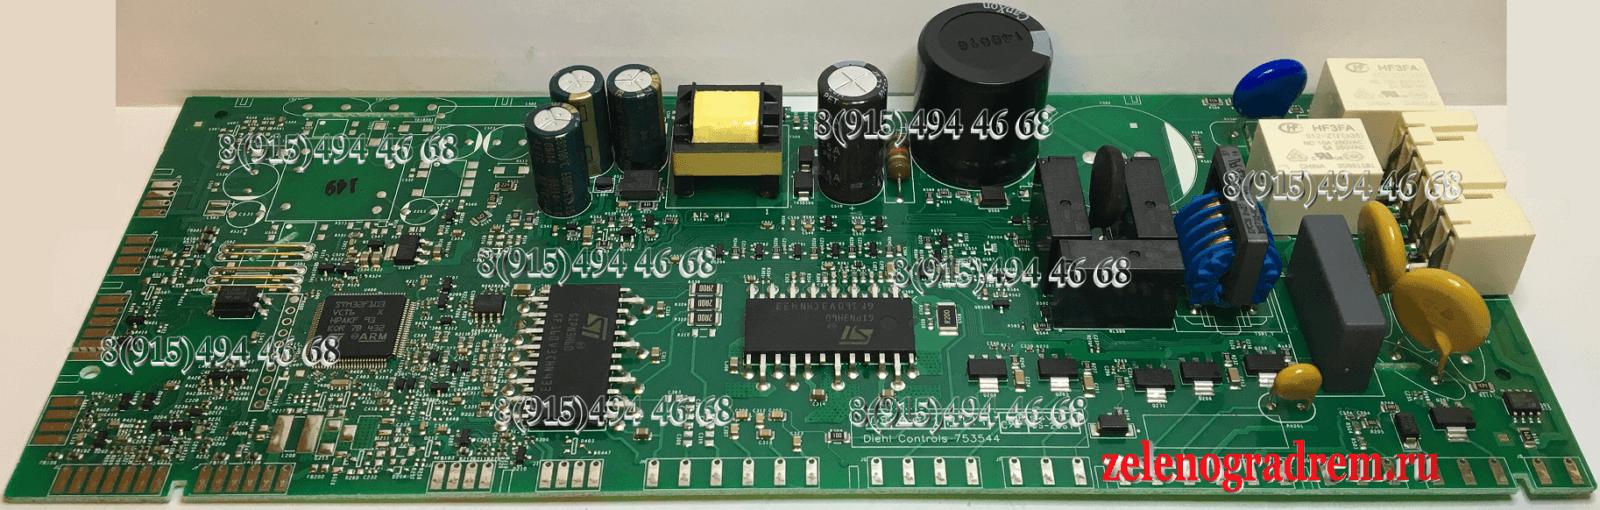 электронный модуль посудомоечной машины электролюкс